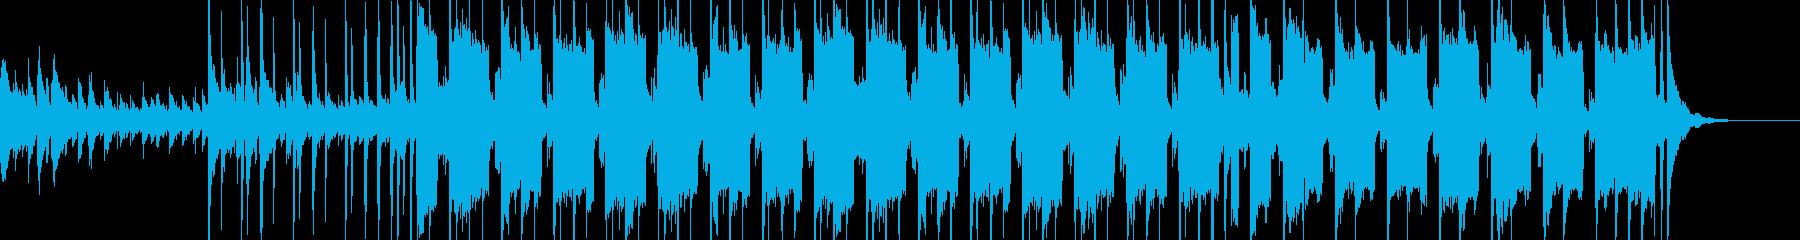 和やかなLo-Fi HipHopの再生済みの波形